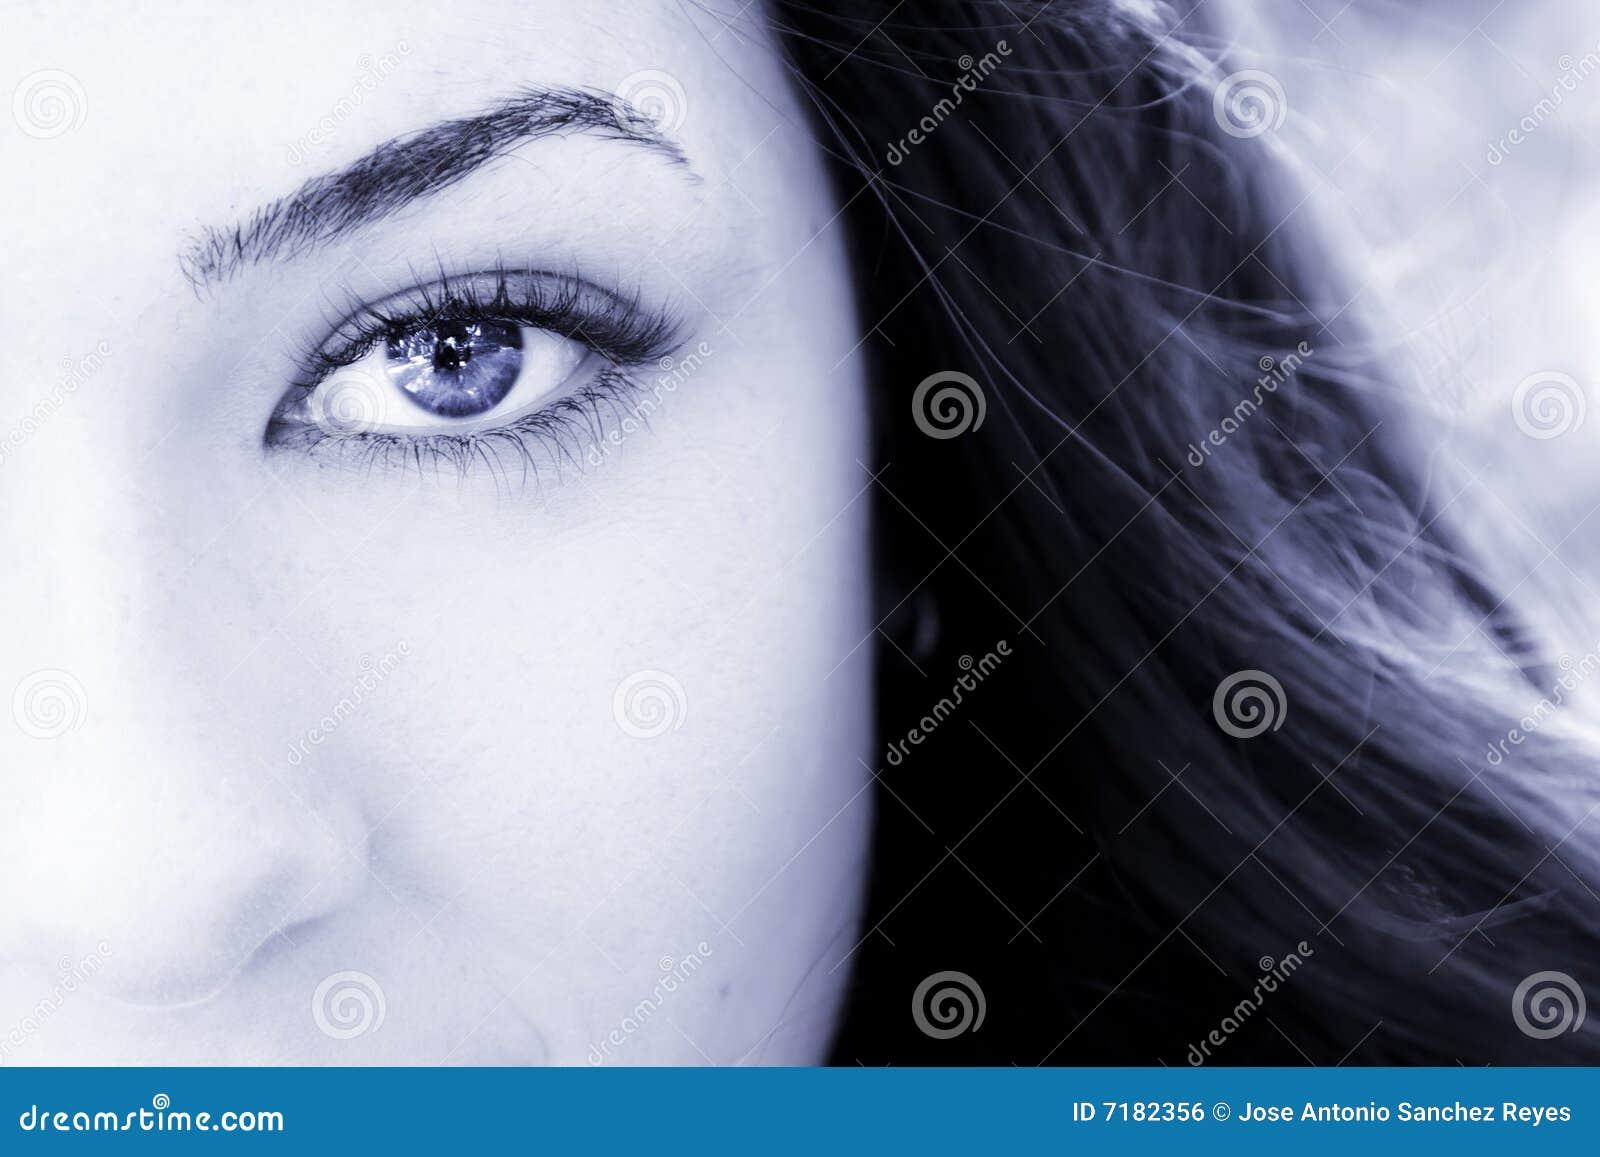 Eye woman